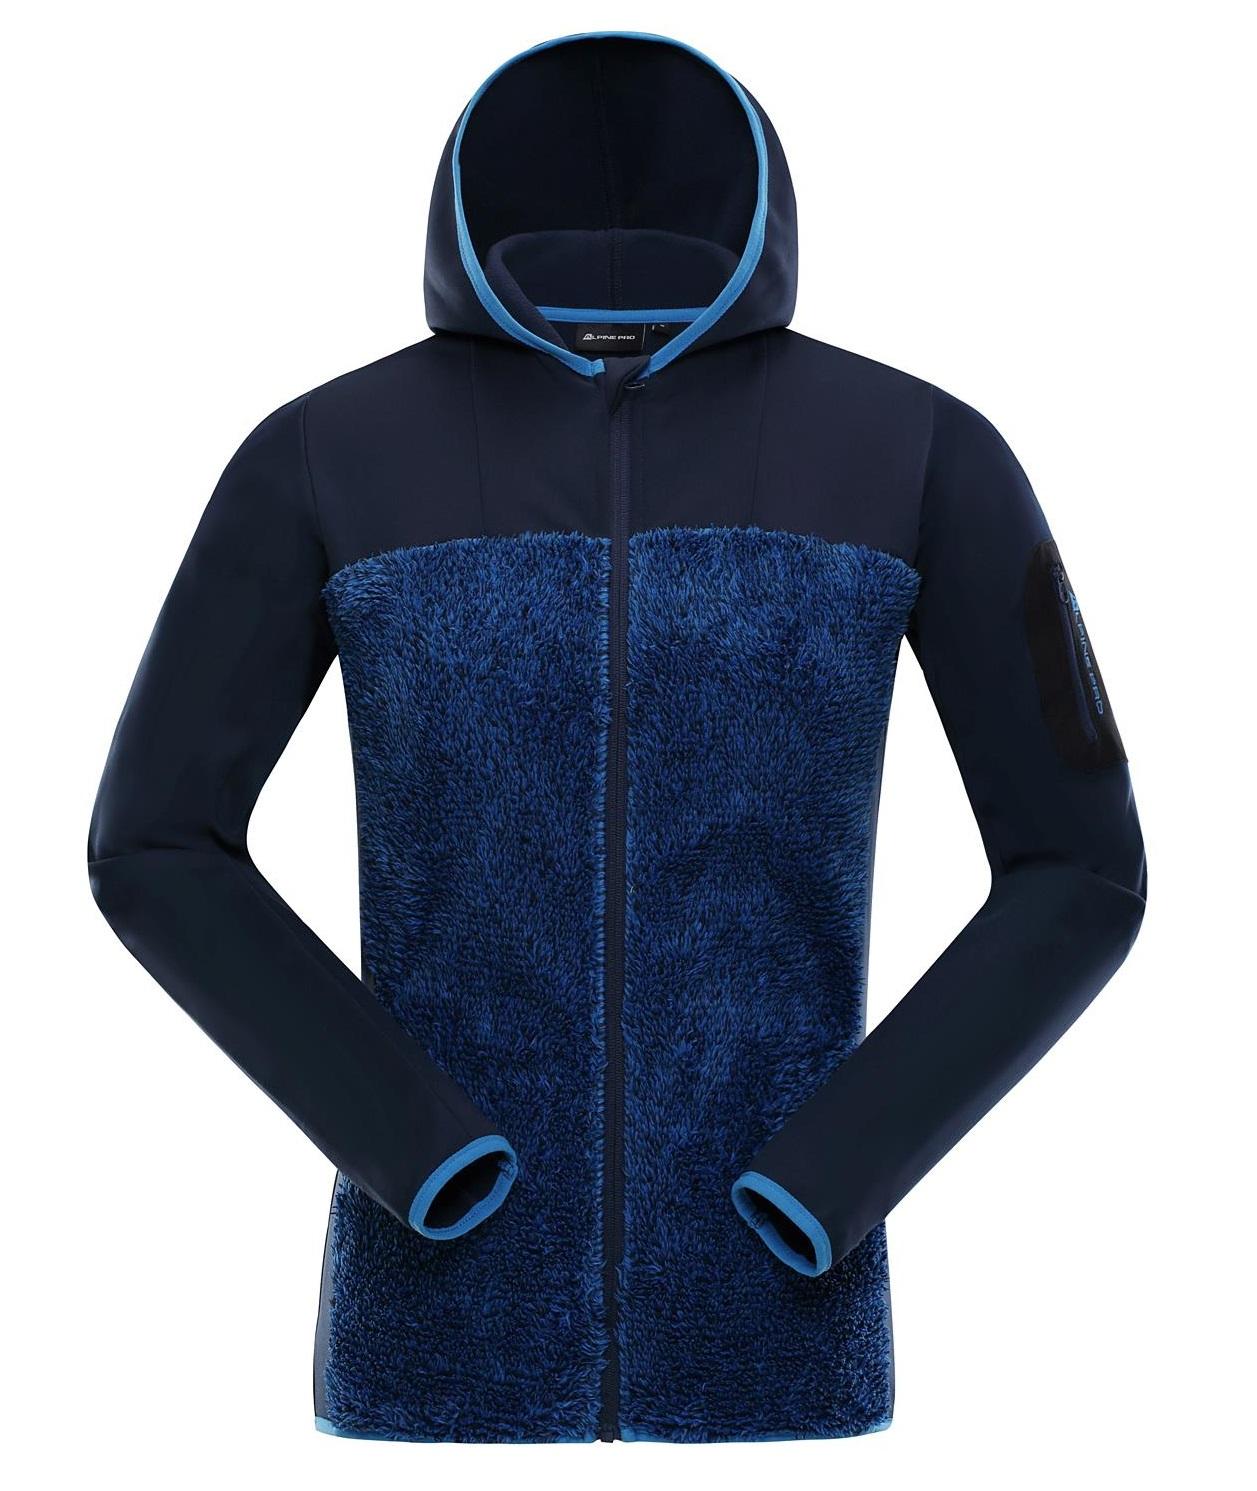 571a93cd4 S dámská mikina modrá LSWK096674   Sport-D eshop se sportovními potřebami    Své práci rozumíme